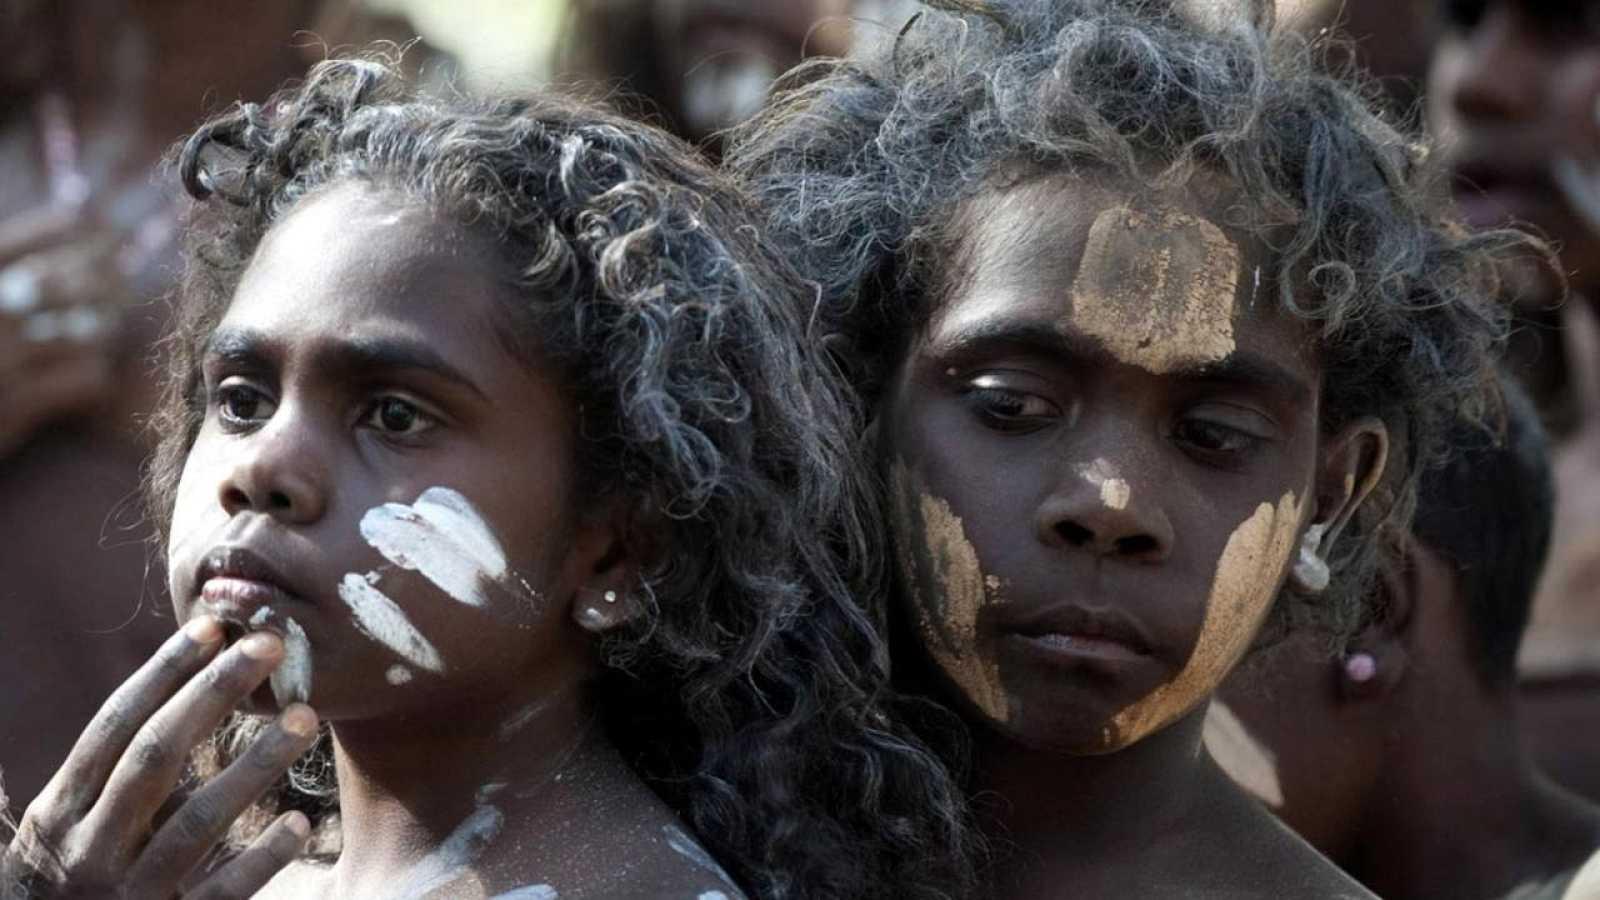 Los aborígenes australianos son los seres humanos más antiguos.